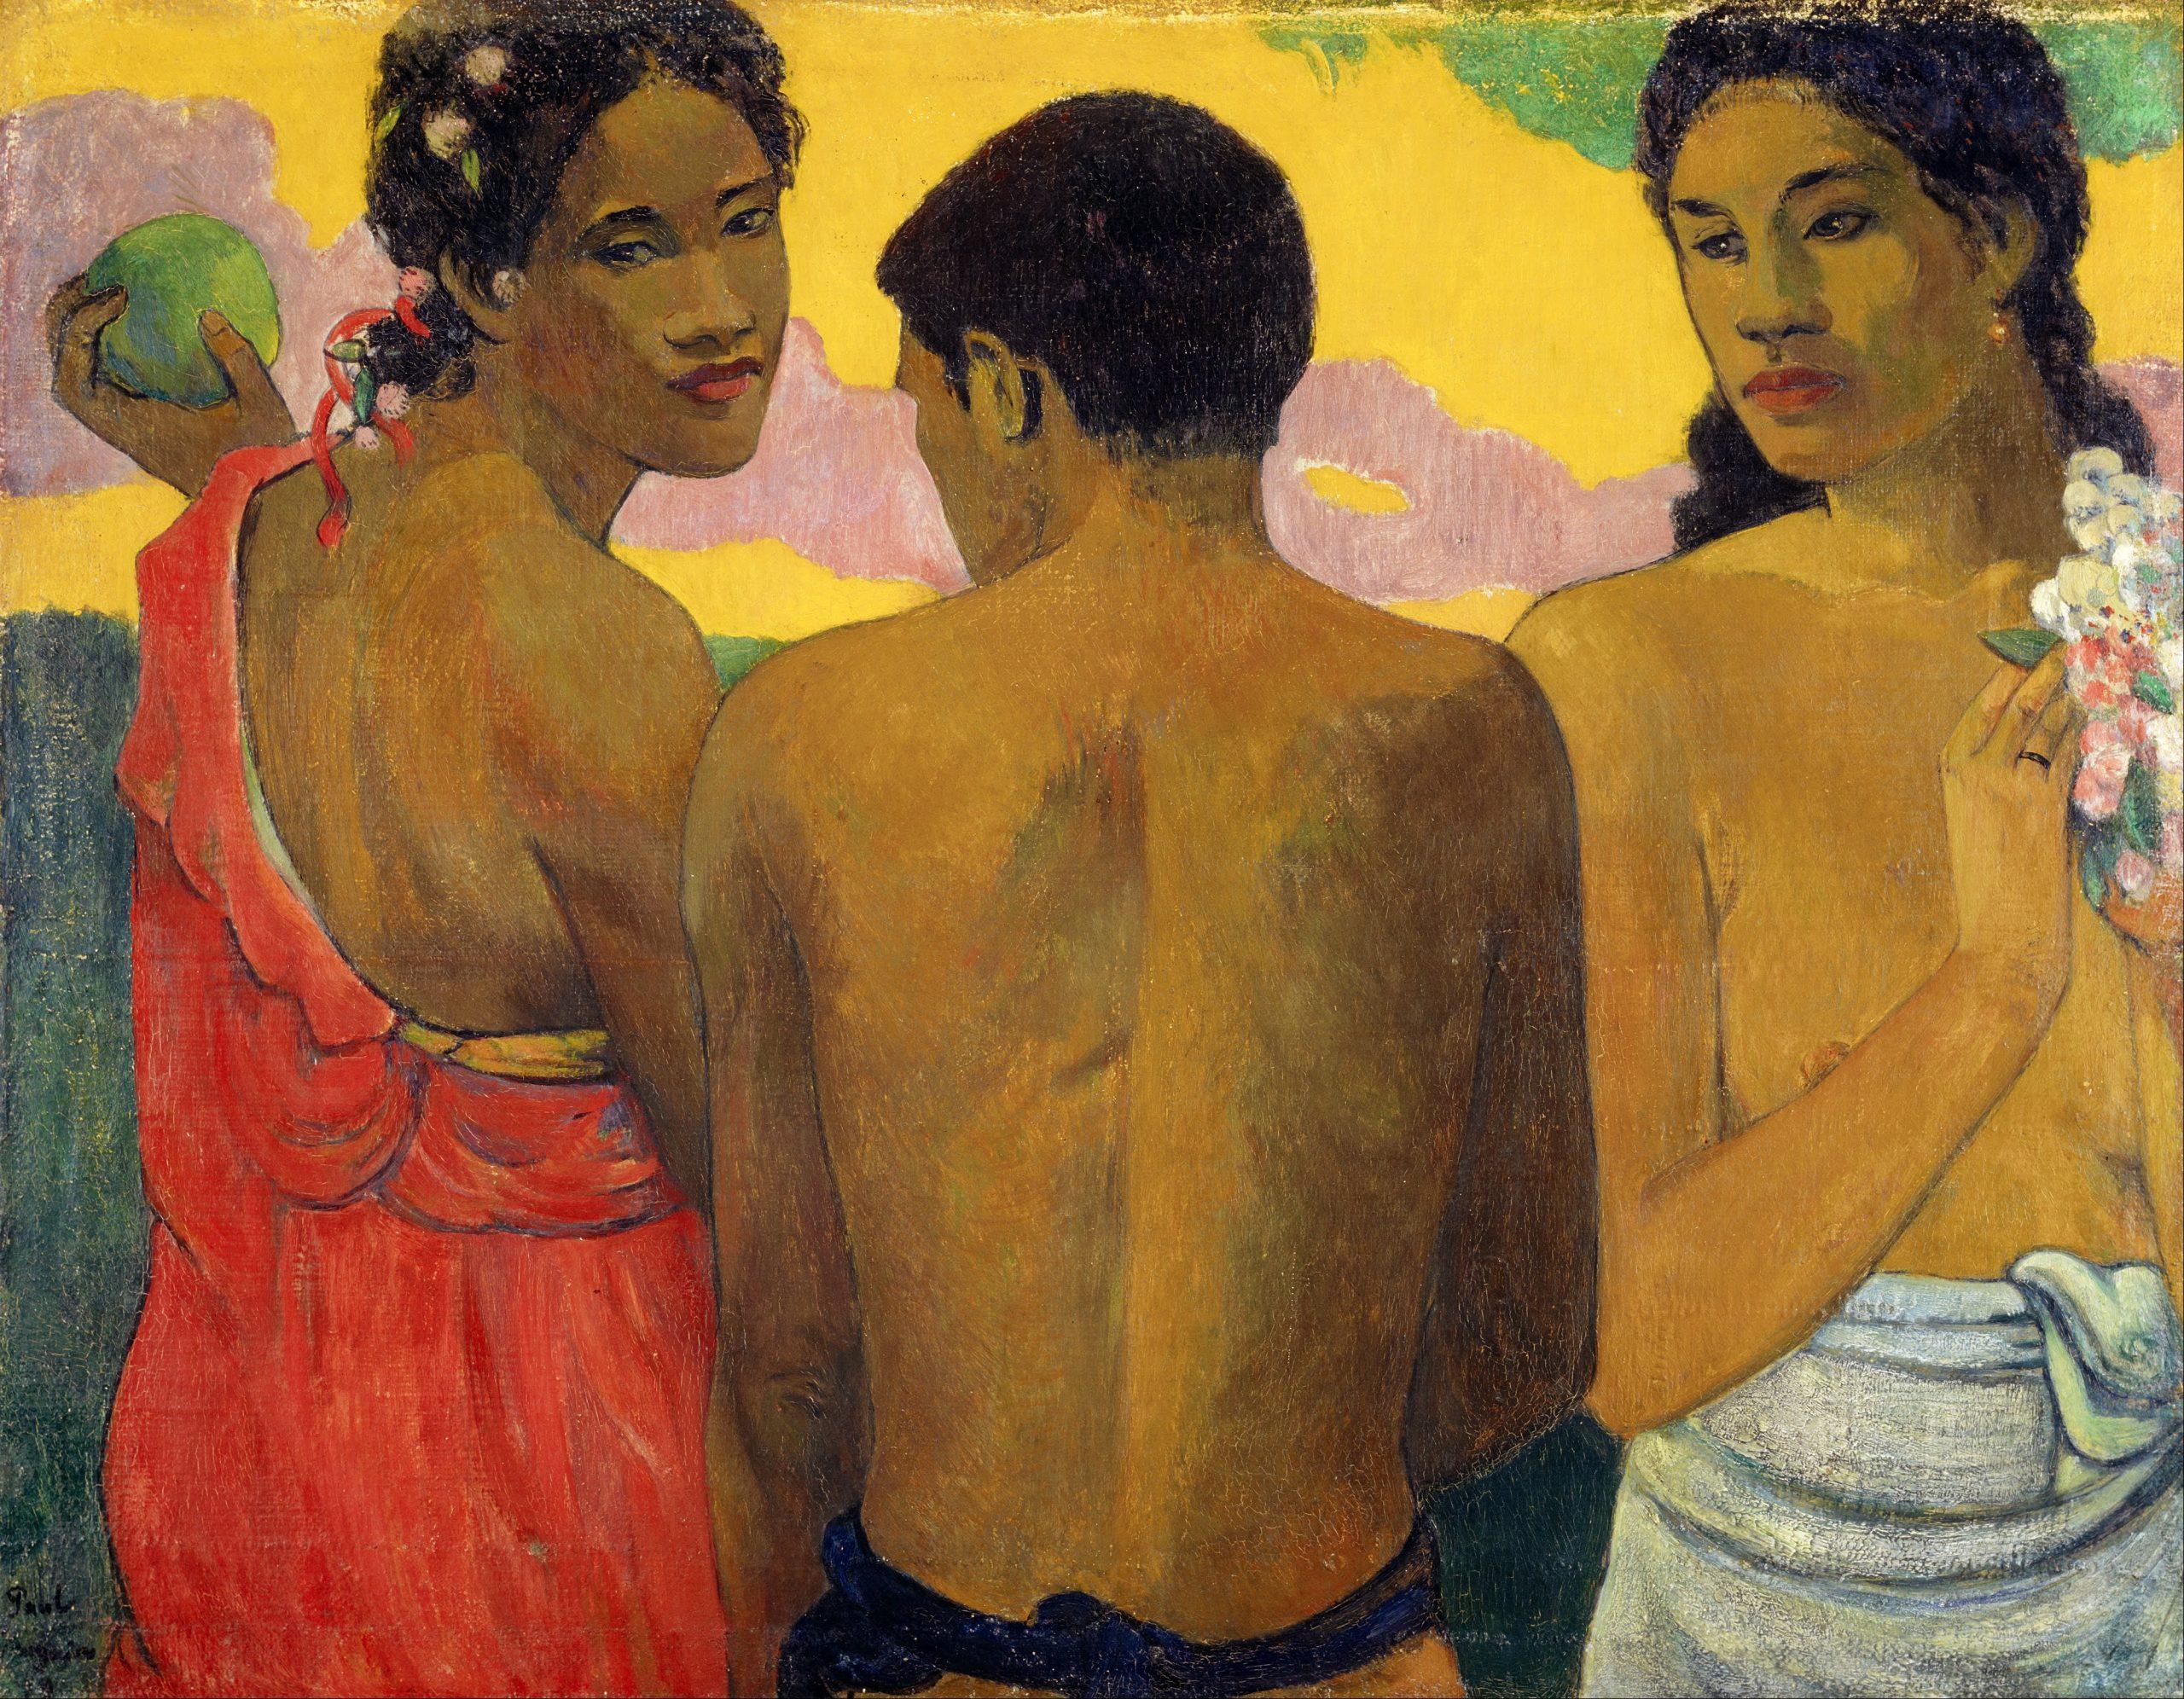 Paul Gauguin: amare appassionatamente le arti plastiche